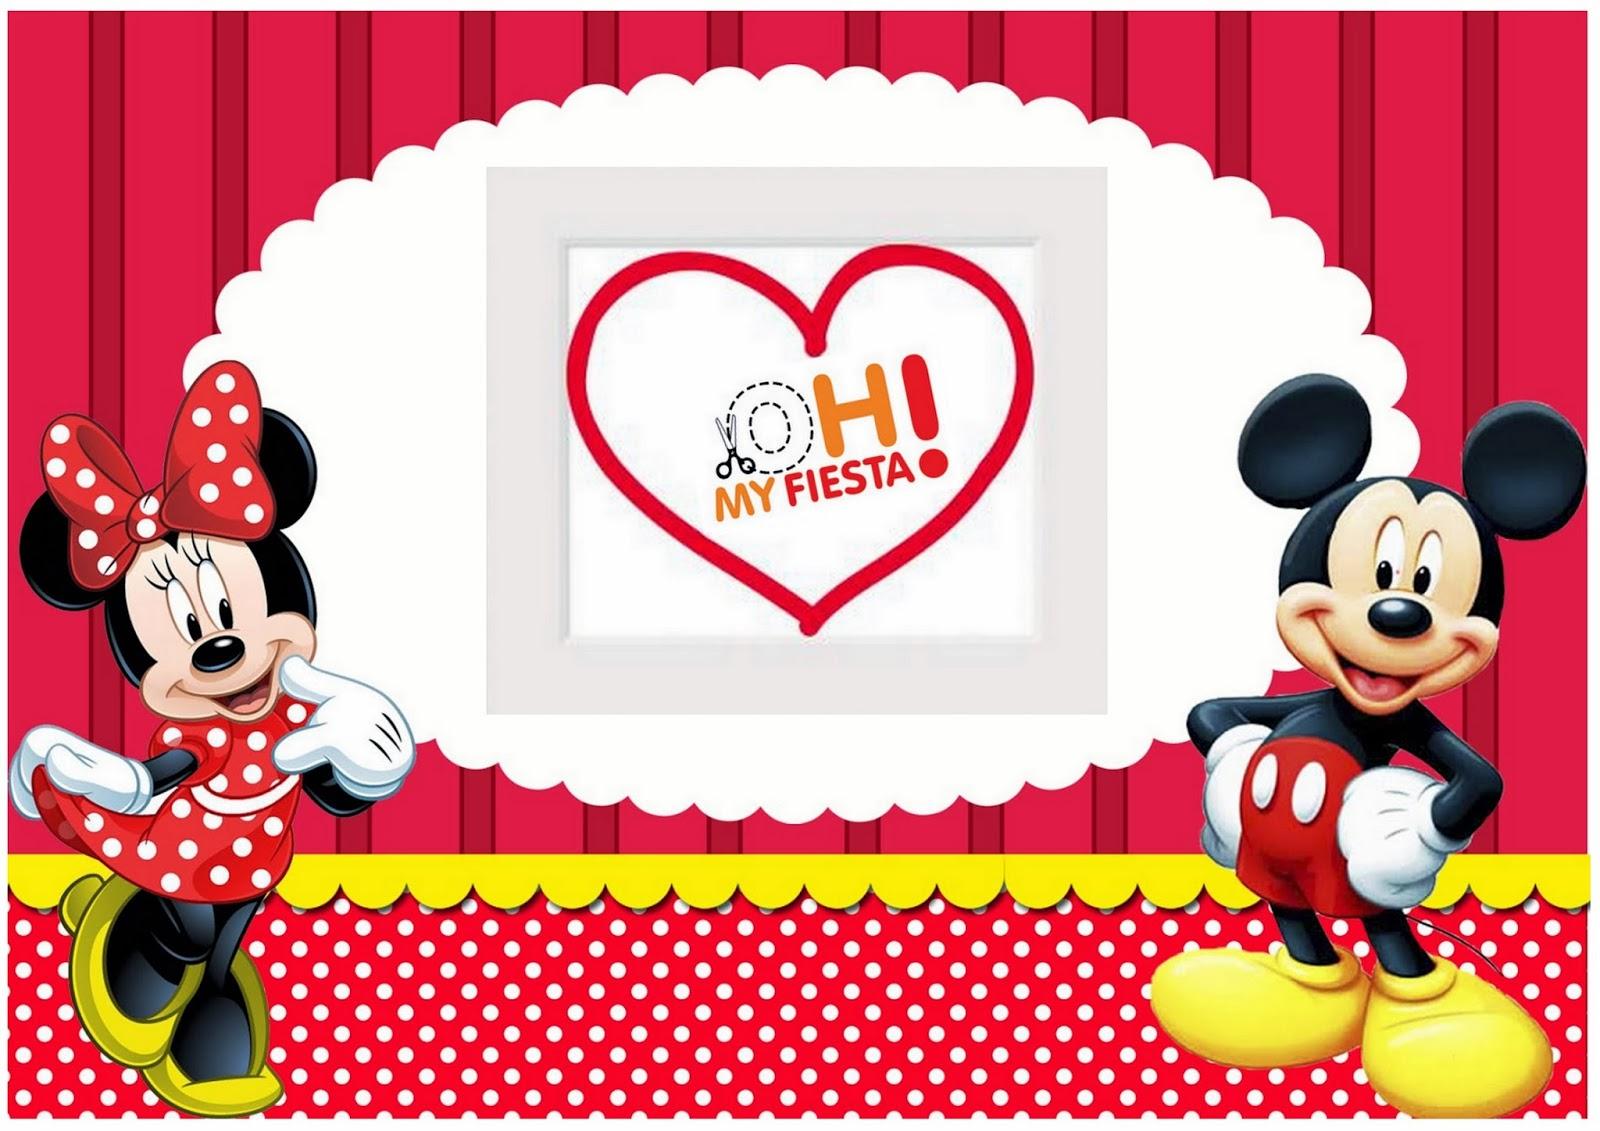 Selección de ideas y material GRATIS para fiestas de Minnie y Mickey.